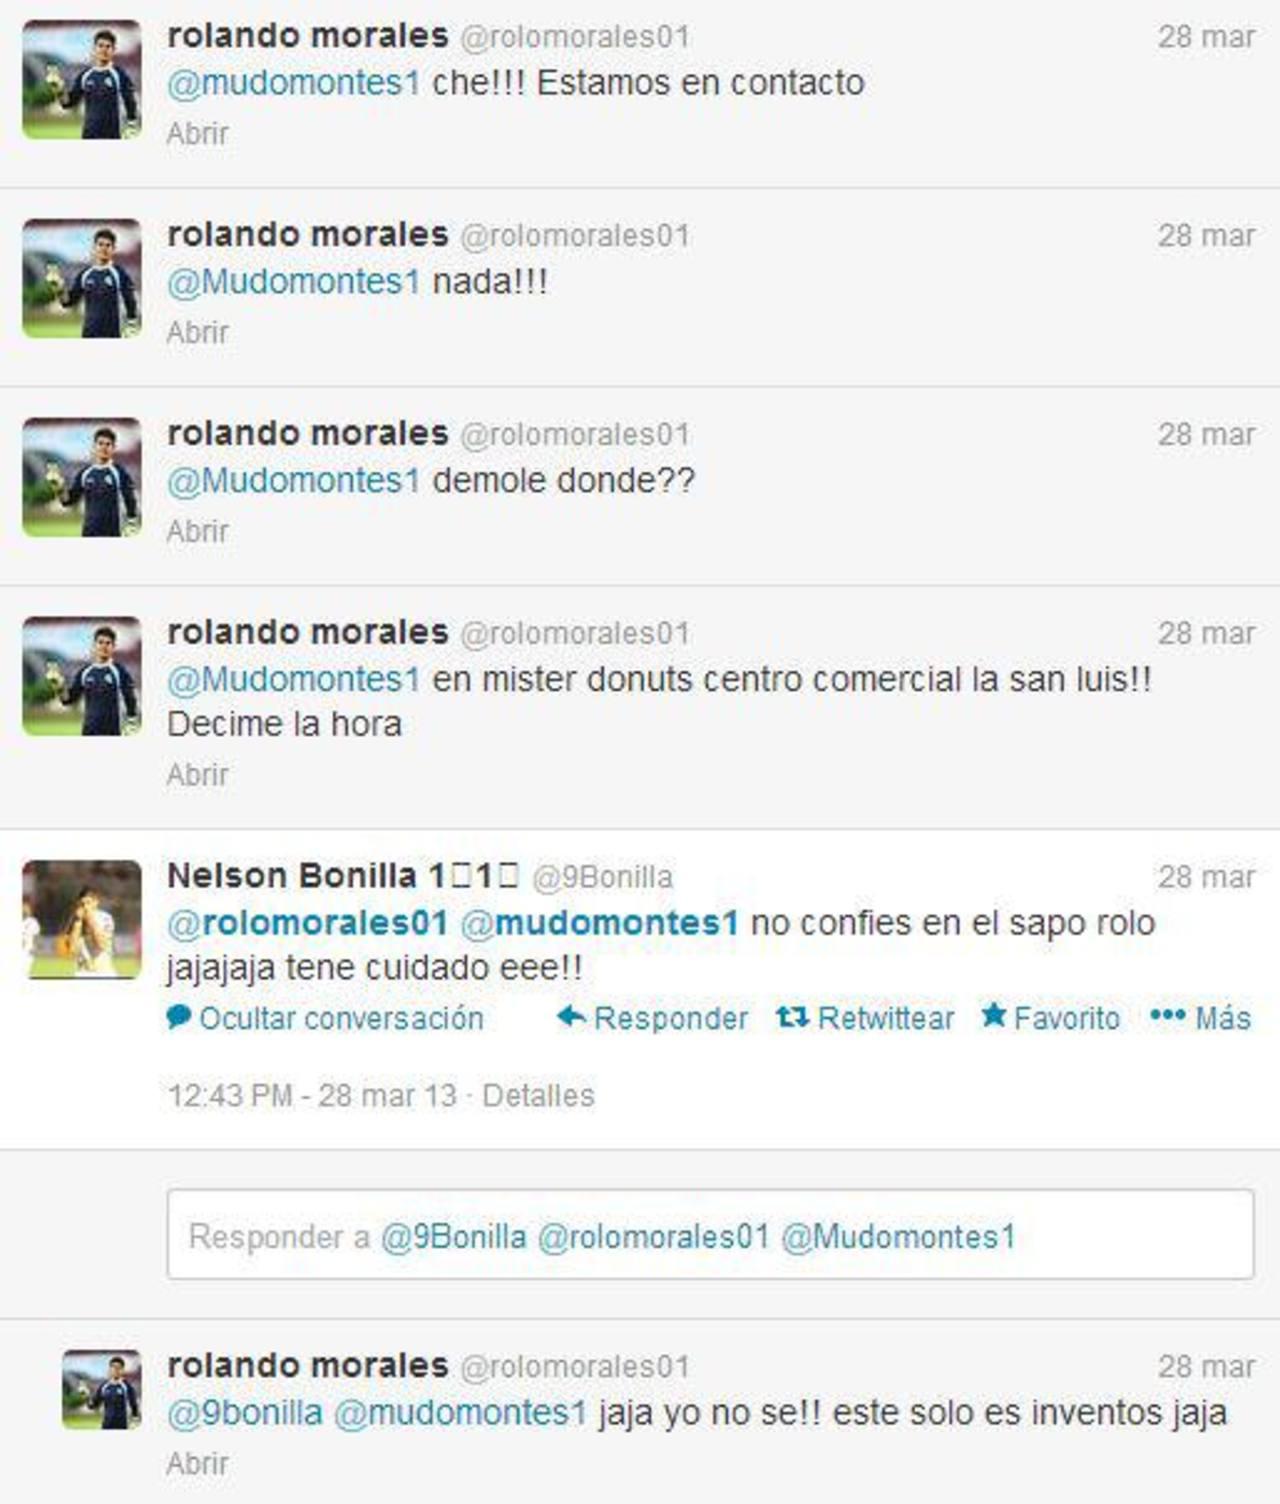 Captura de imagen de la conversación entre Miguel Montes y Rolando Morales, portero de la Sub 20, antes de ir a Turquía.